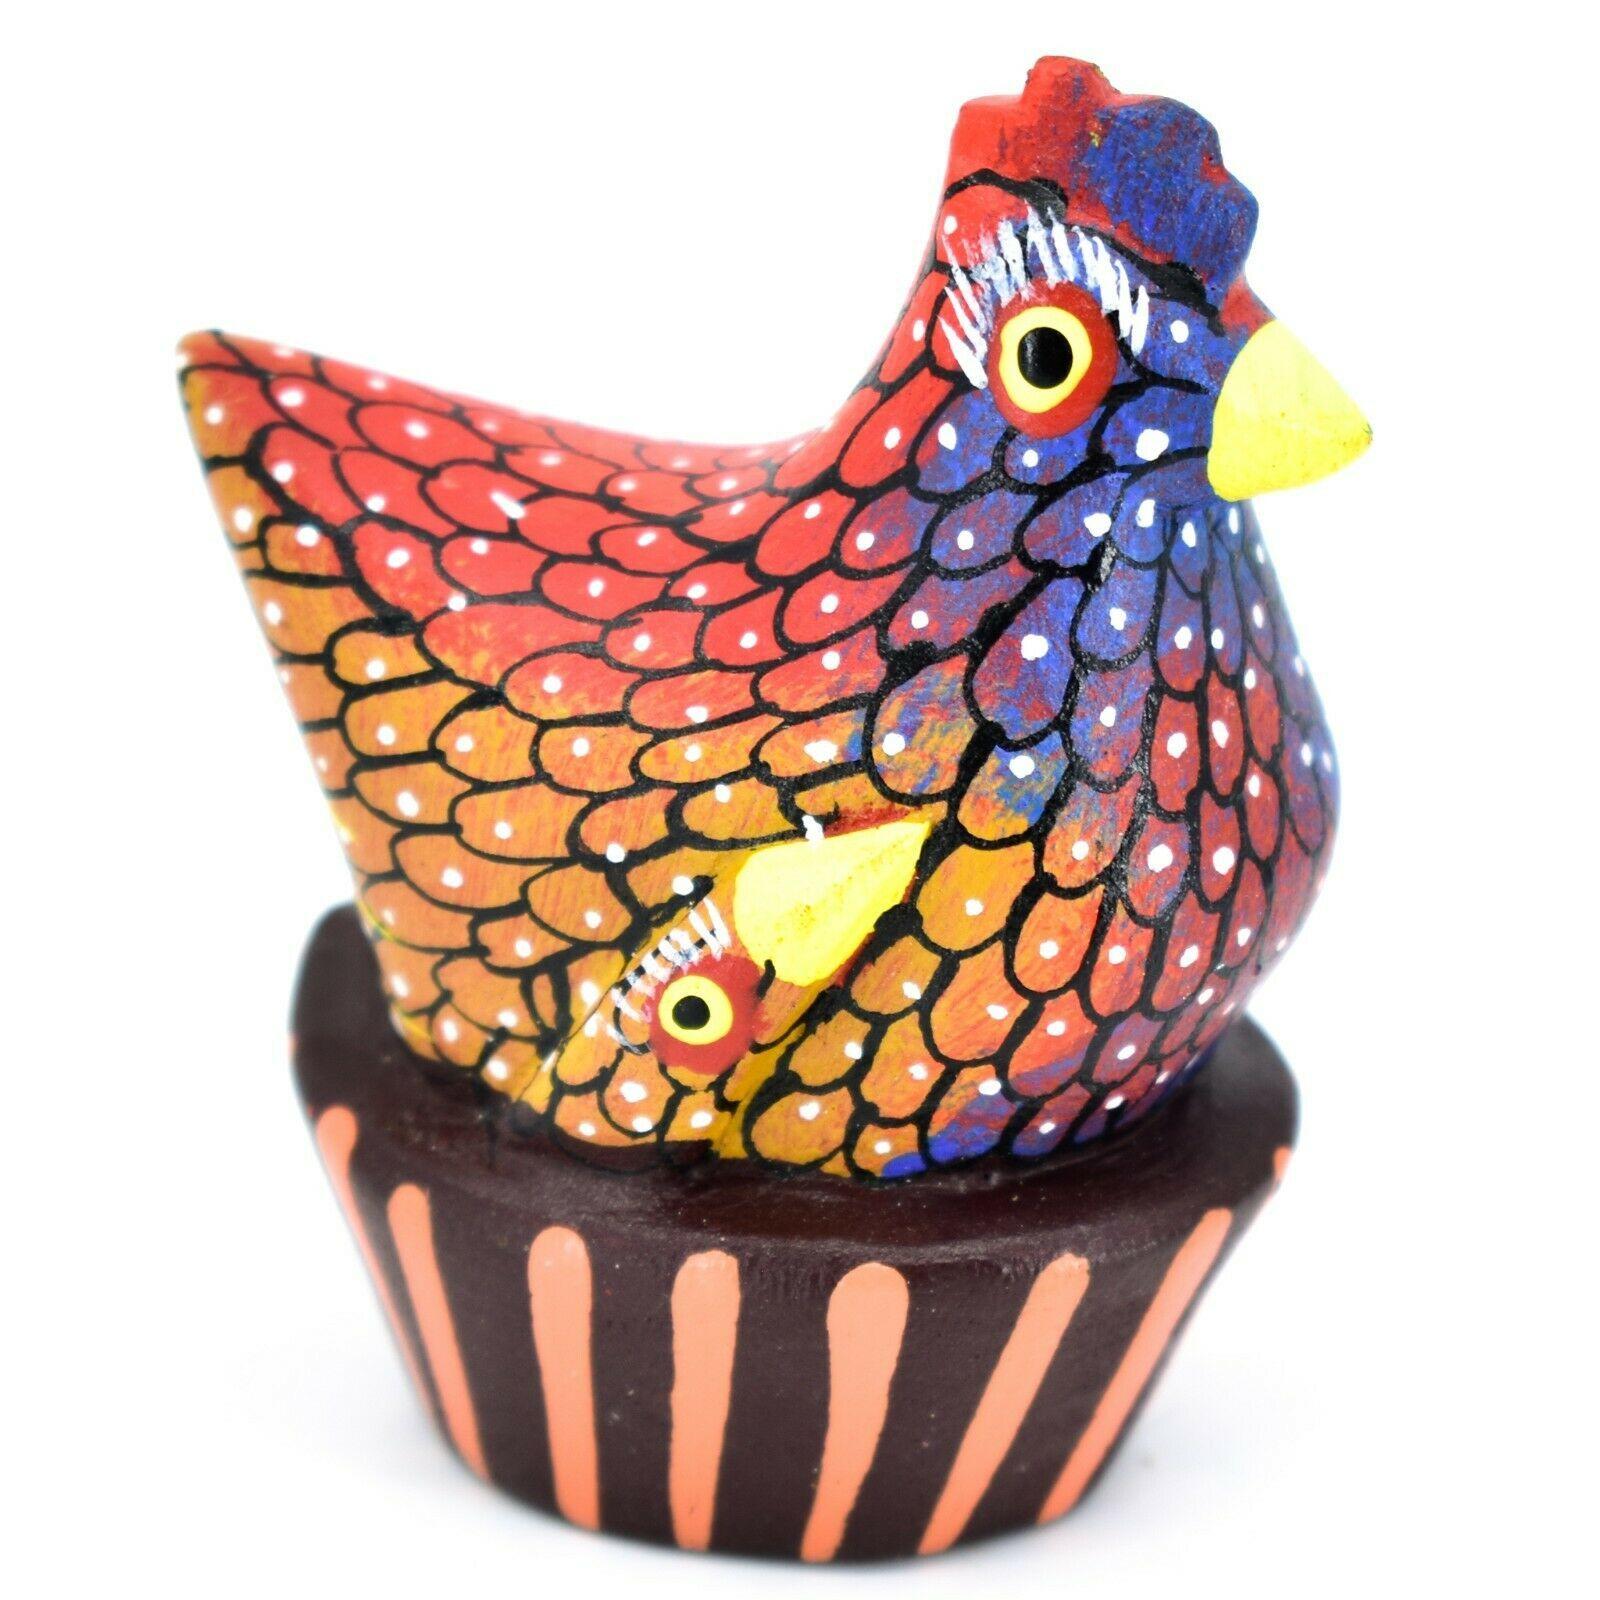 Handmade Alebrijes Oaxacan Painted Wood Folk Art Chicken Hen Basket Figurine